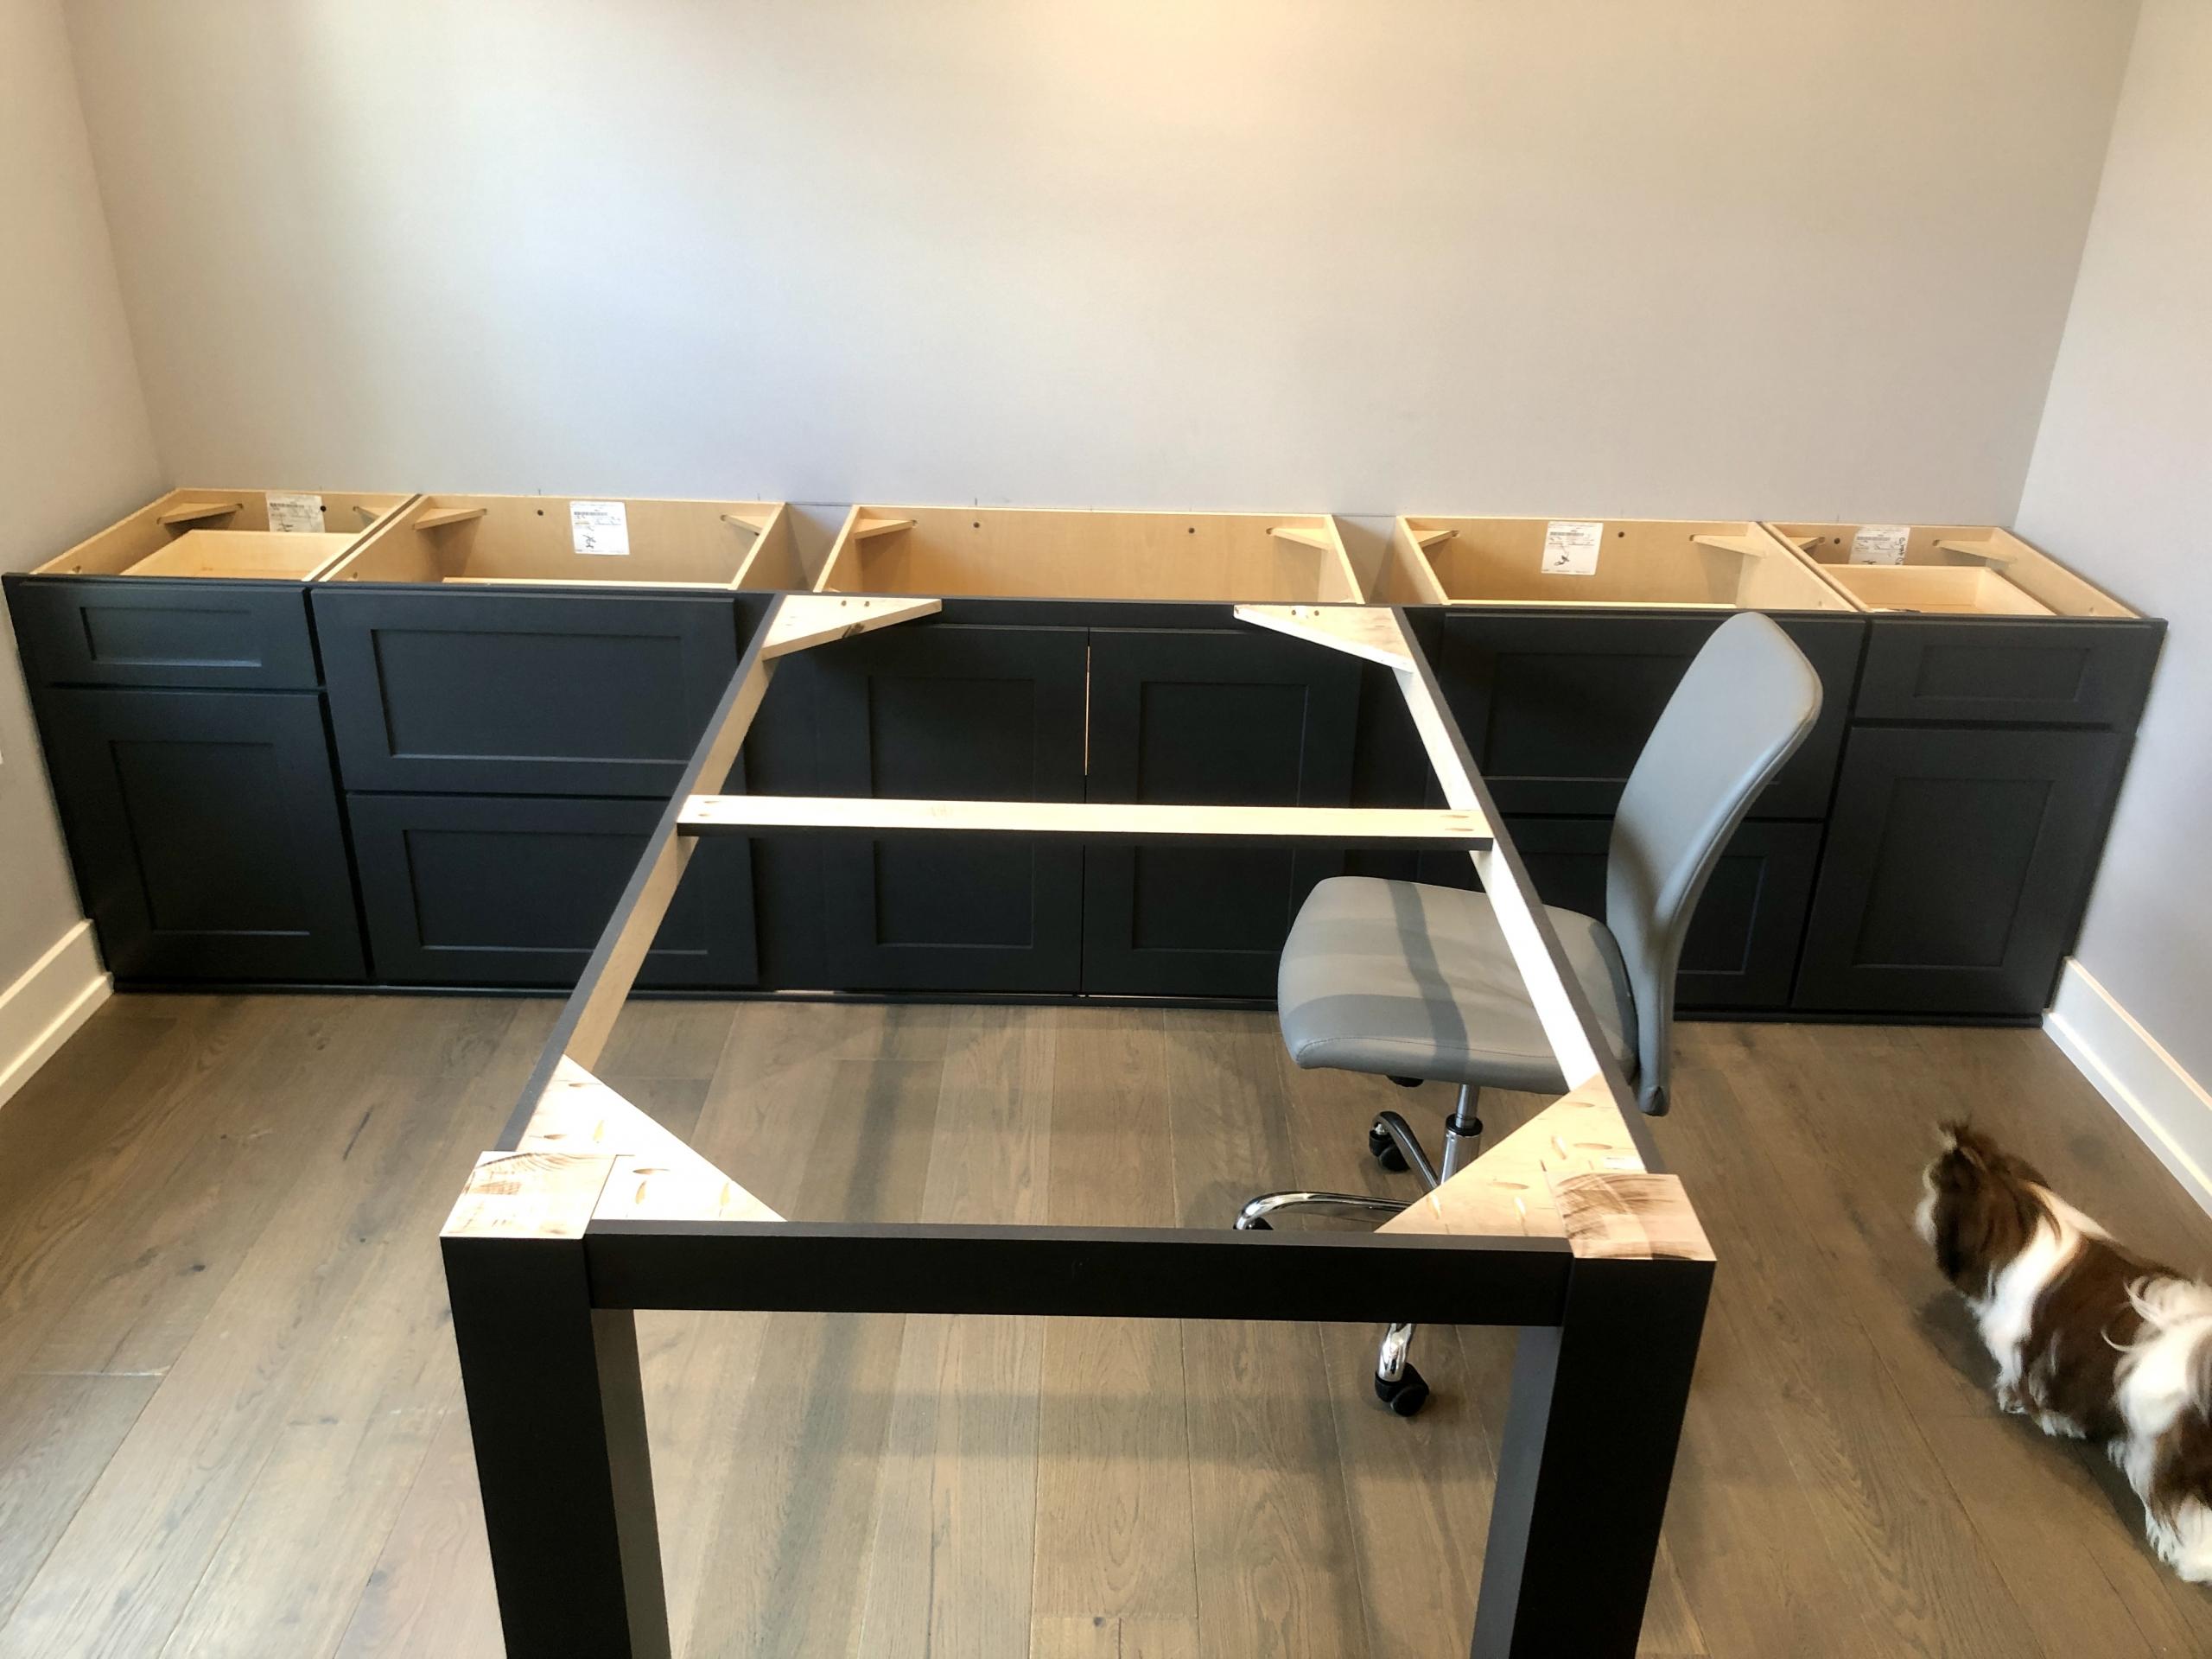 New Desk Frame